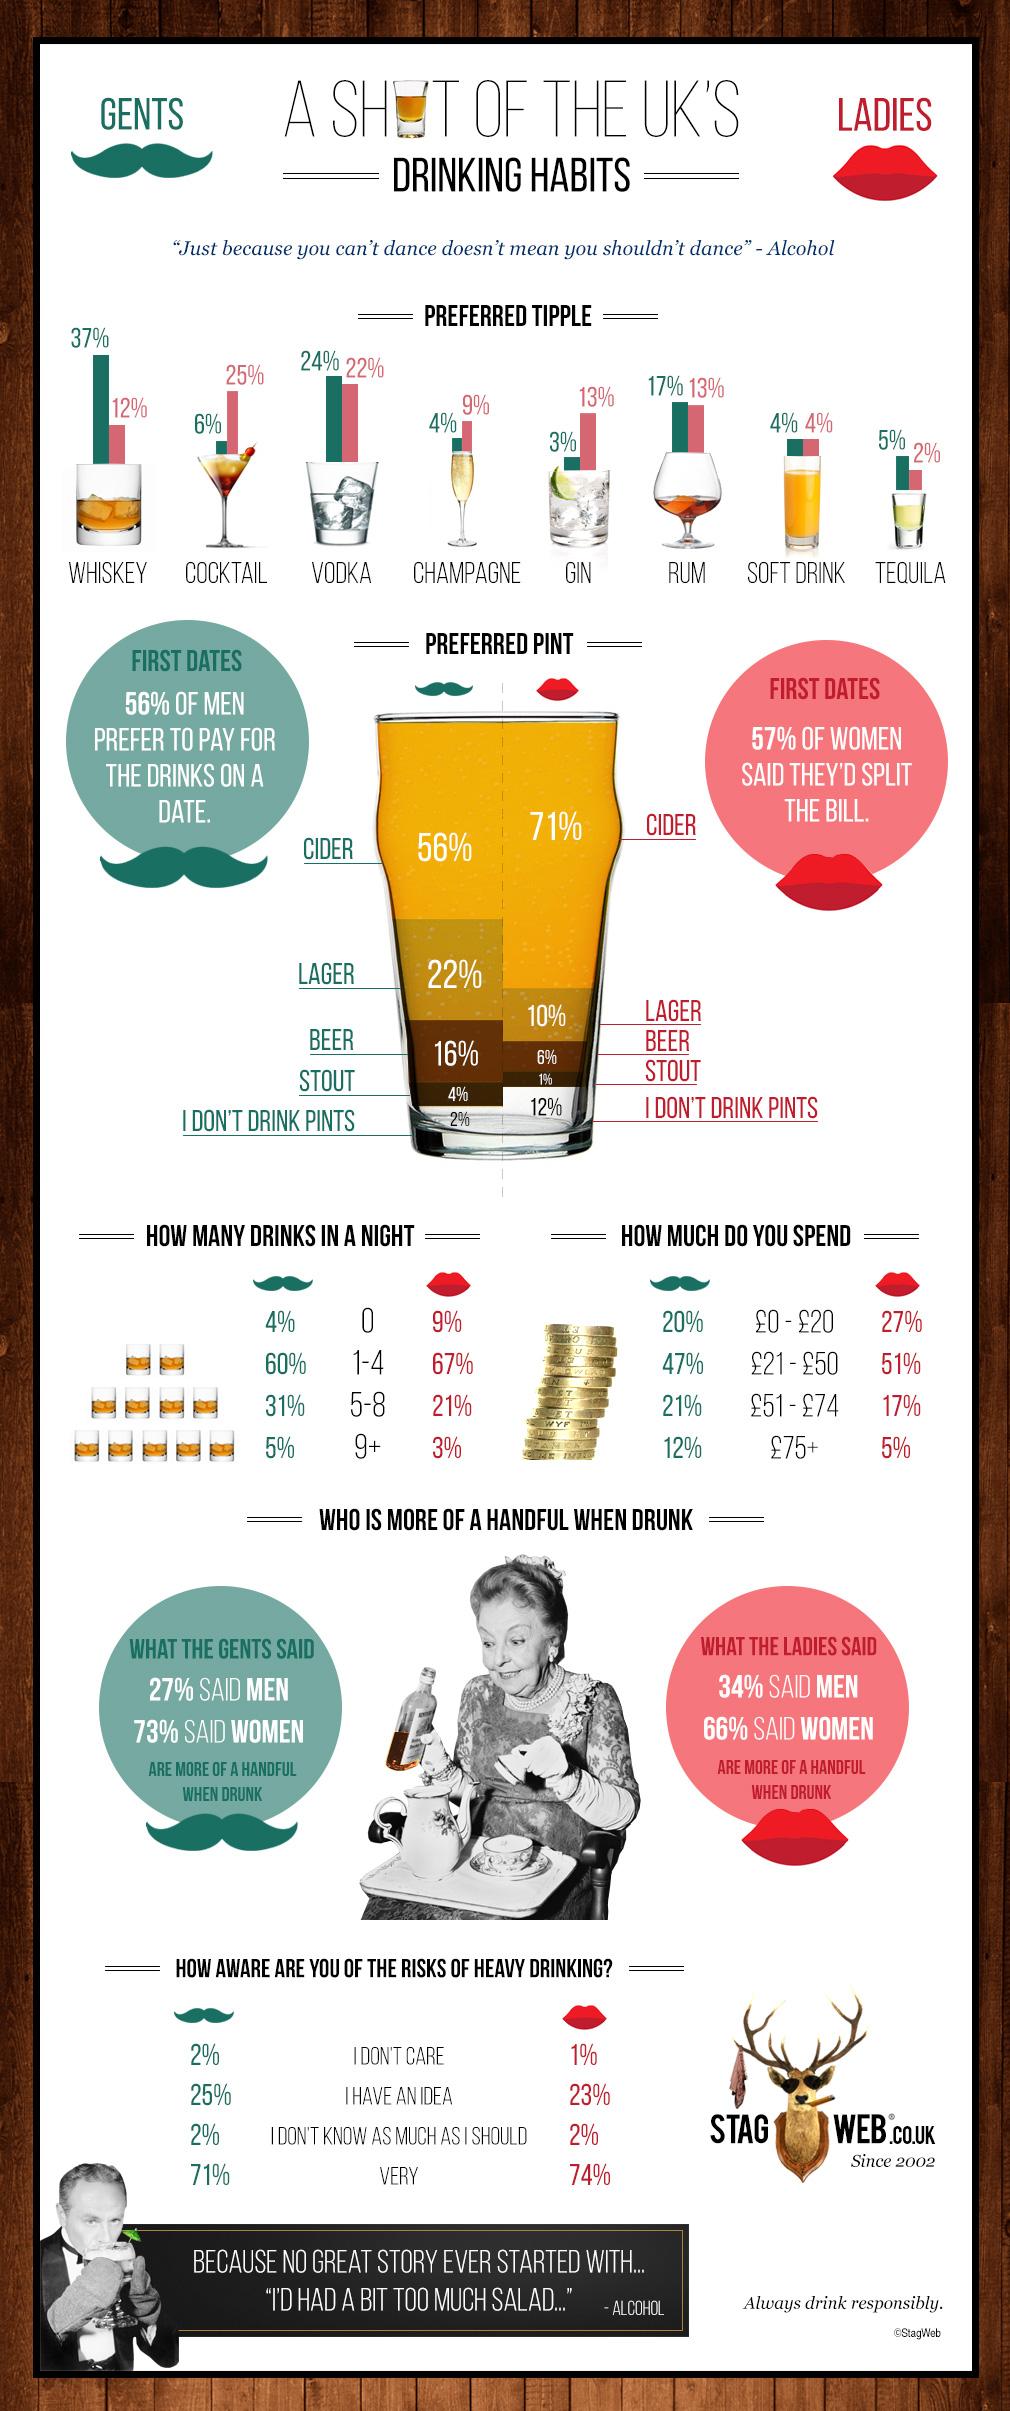 UK Drinking Habits Infographic